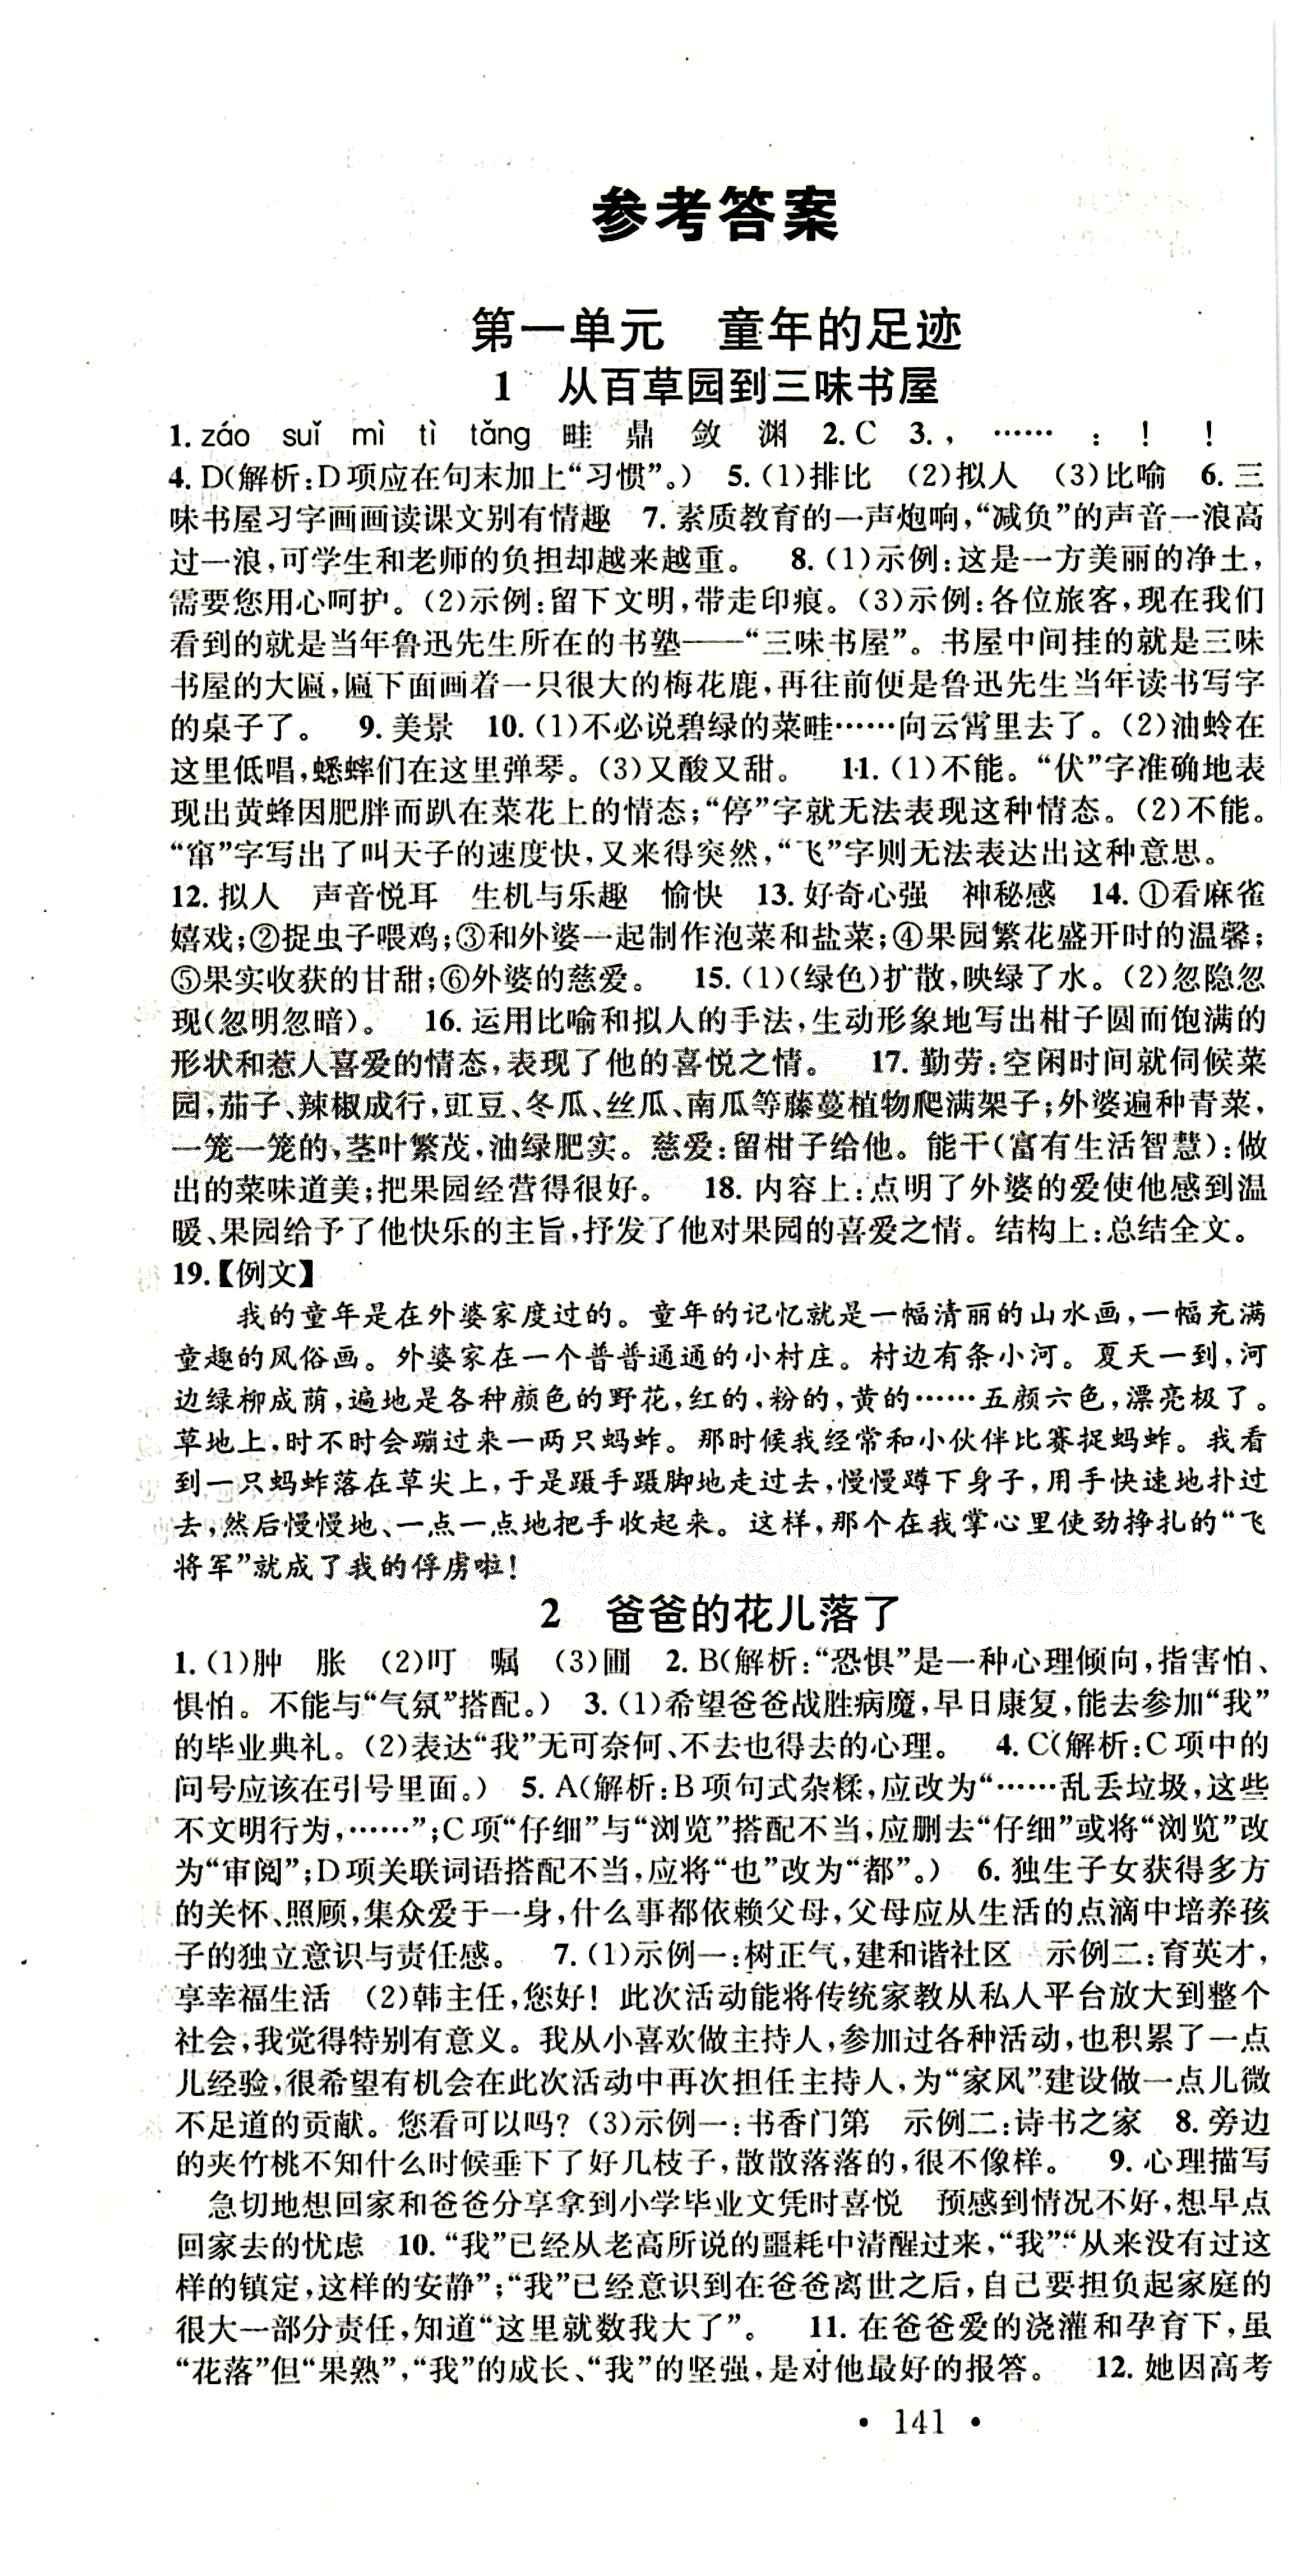 名校课堂七年级下语文黑龙江教育出版社第一单元 [1]